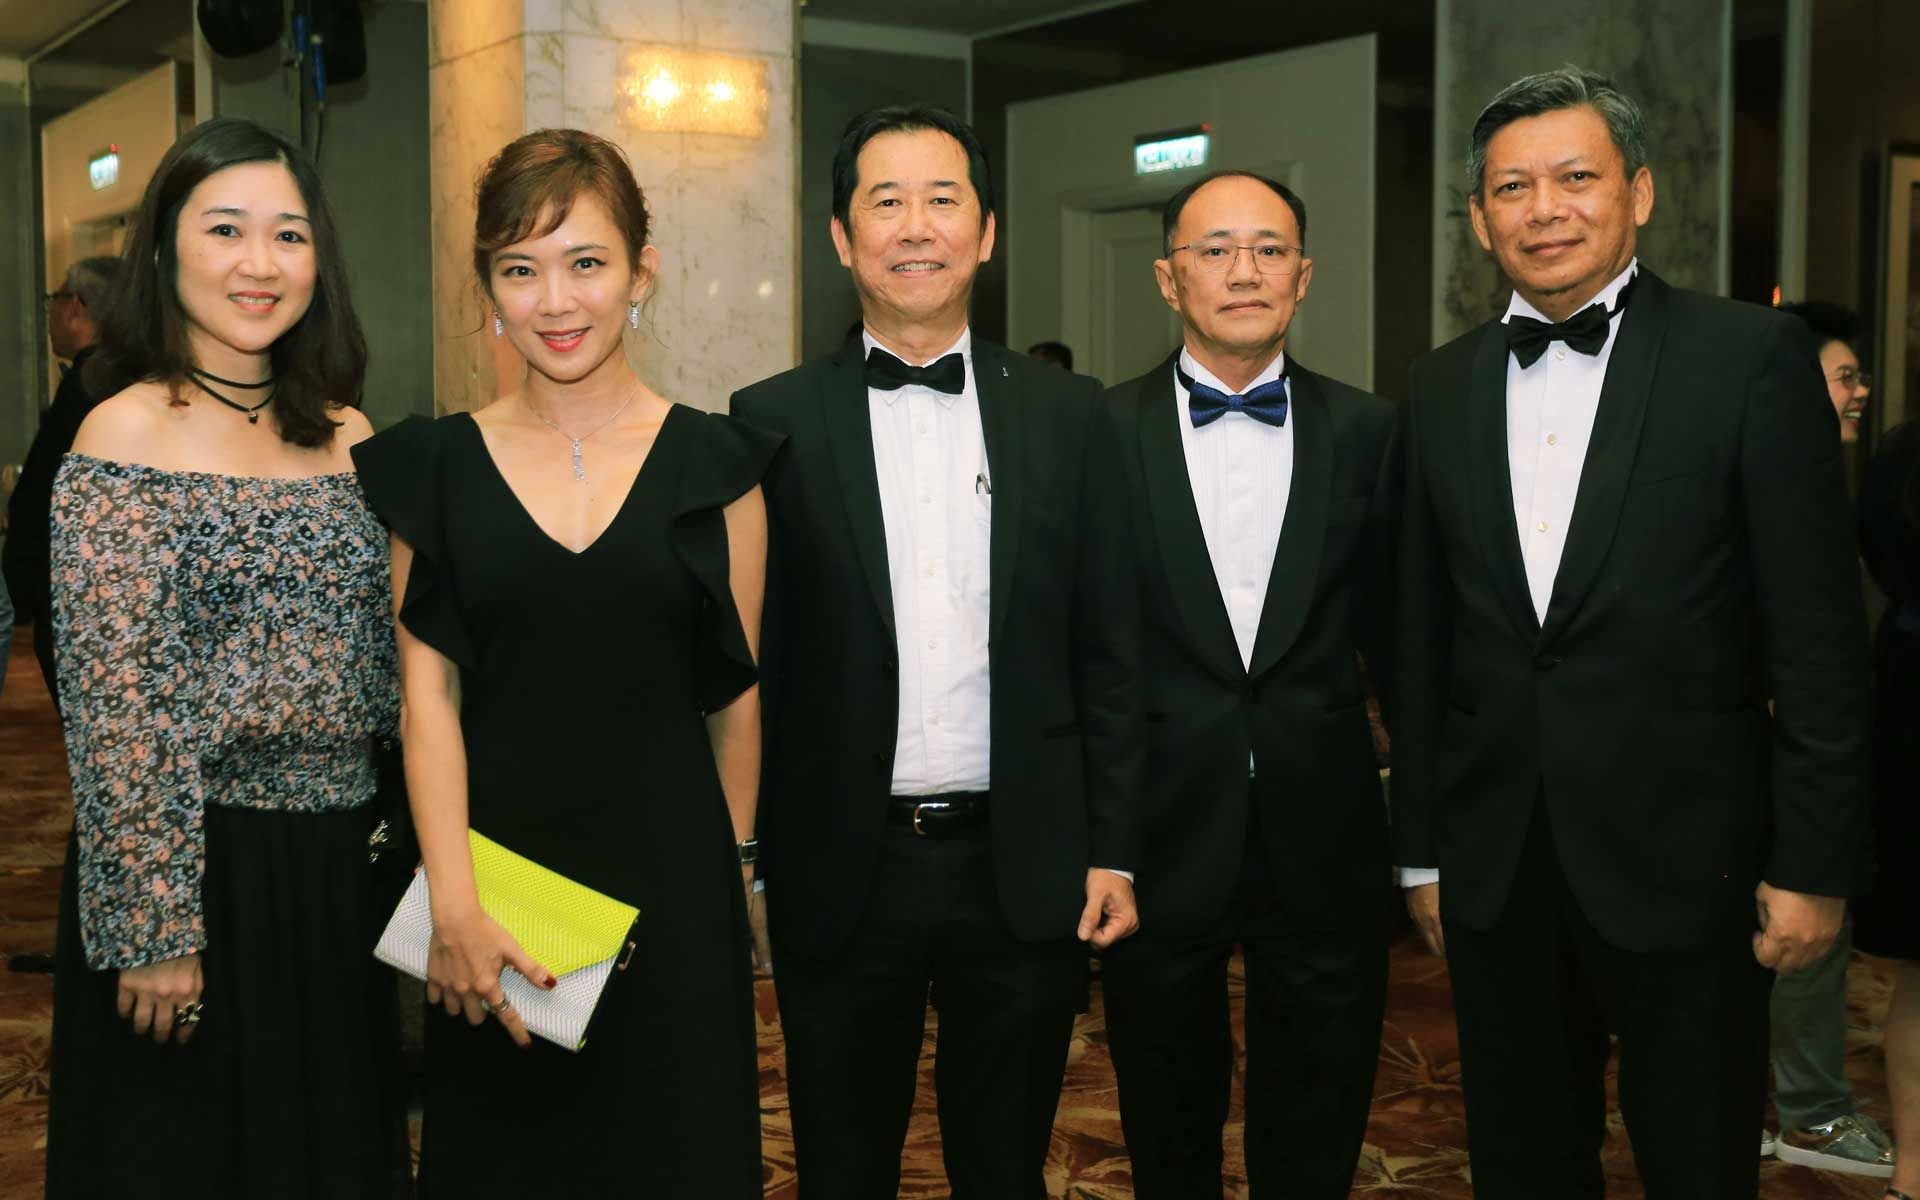 May Chew, Koh Mei Lee, Heng Beng Fatt, Chris Teh and Dato' Mahmud Fauzi Muda